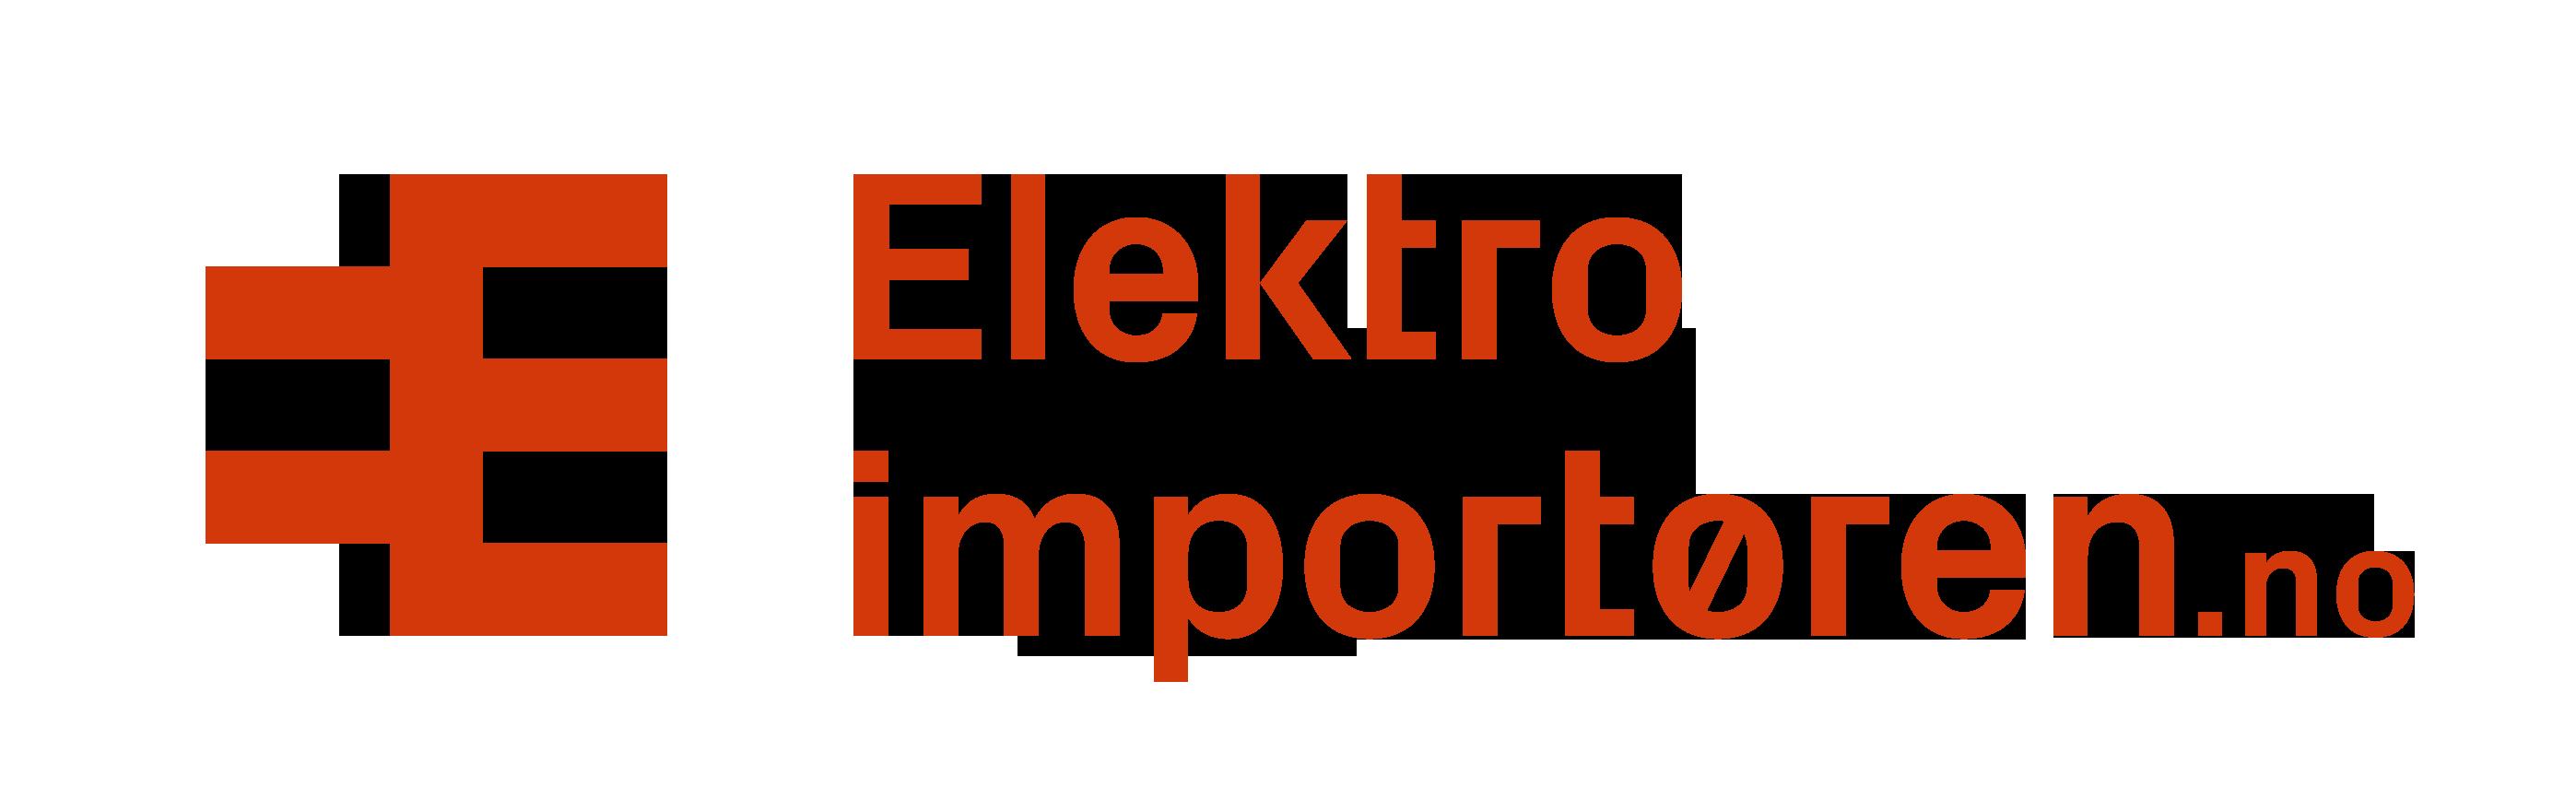 Elektroimportoren_helthjem_kunde_netthandel